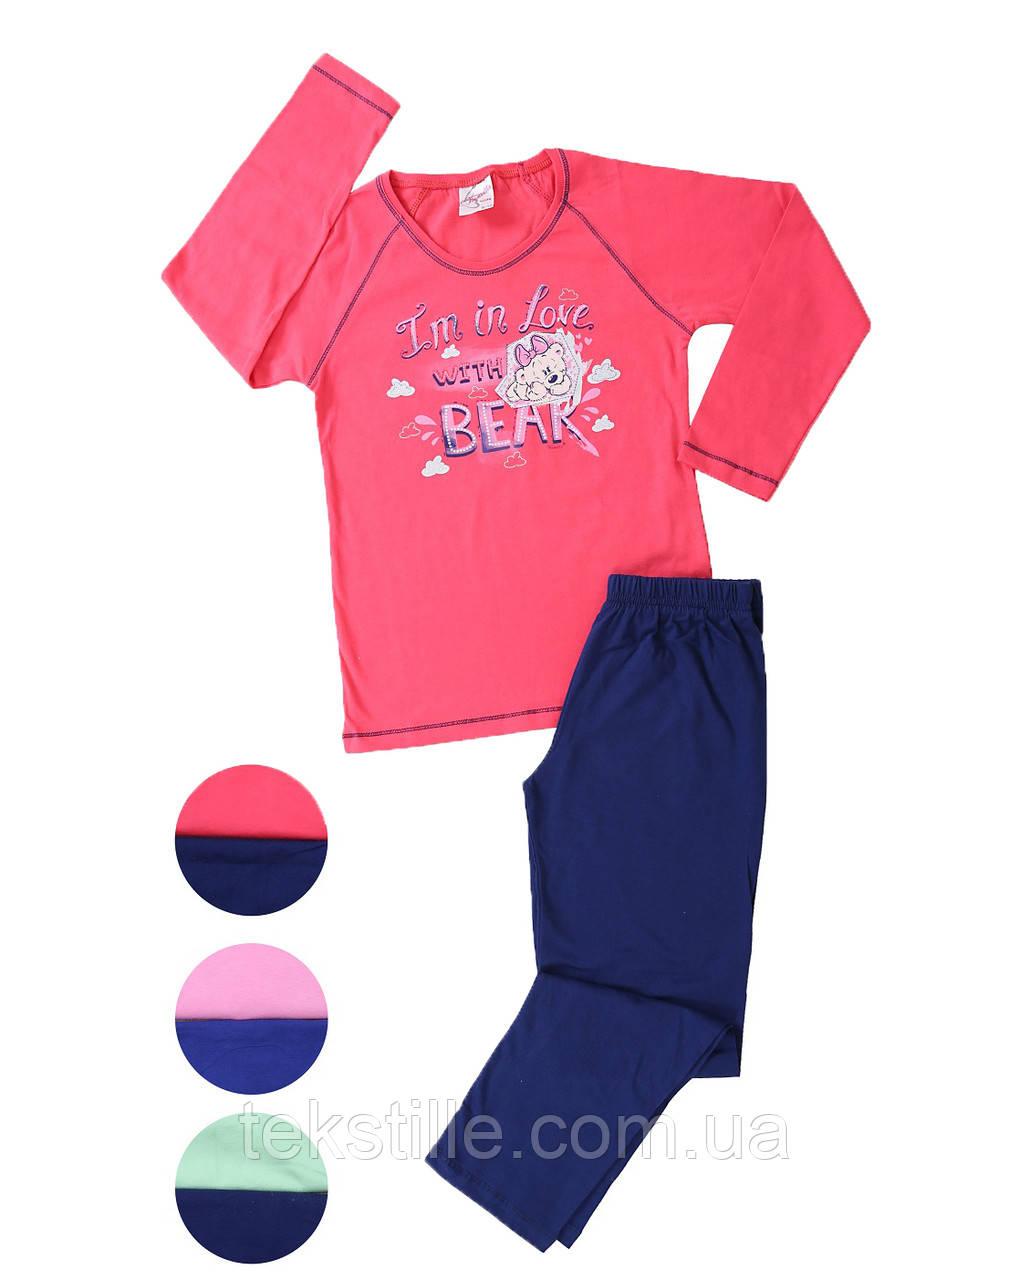 Пижама детская 4033684451